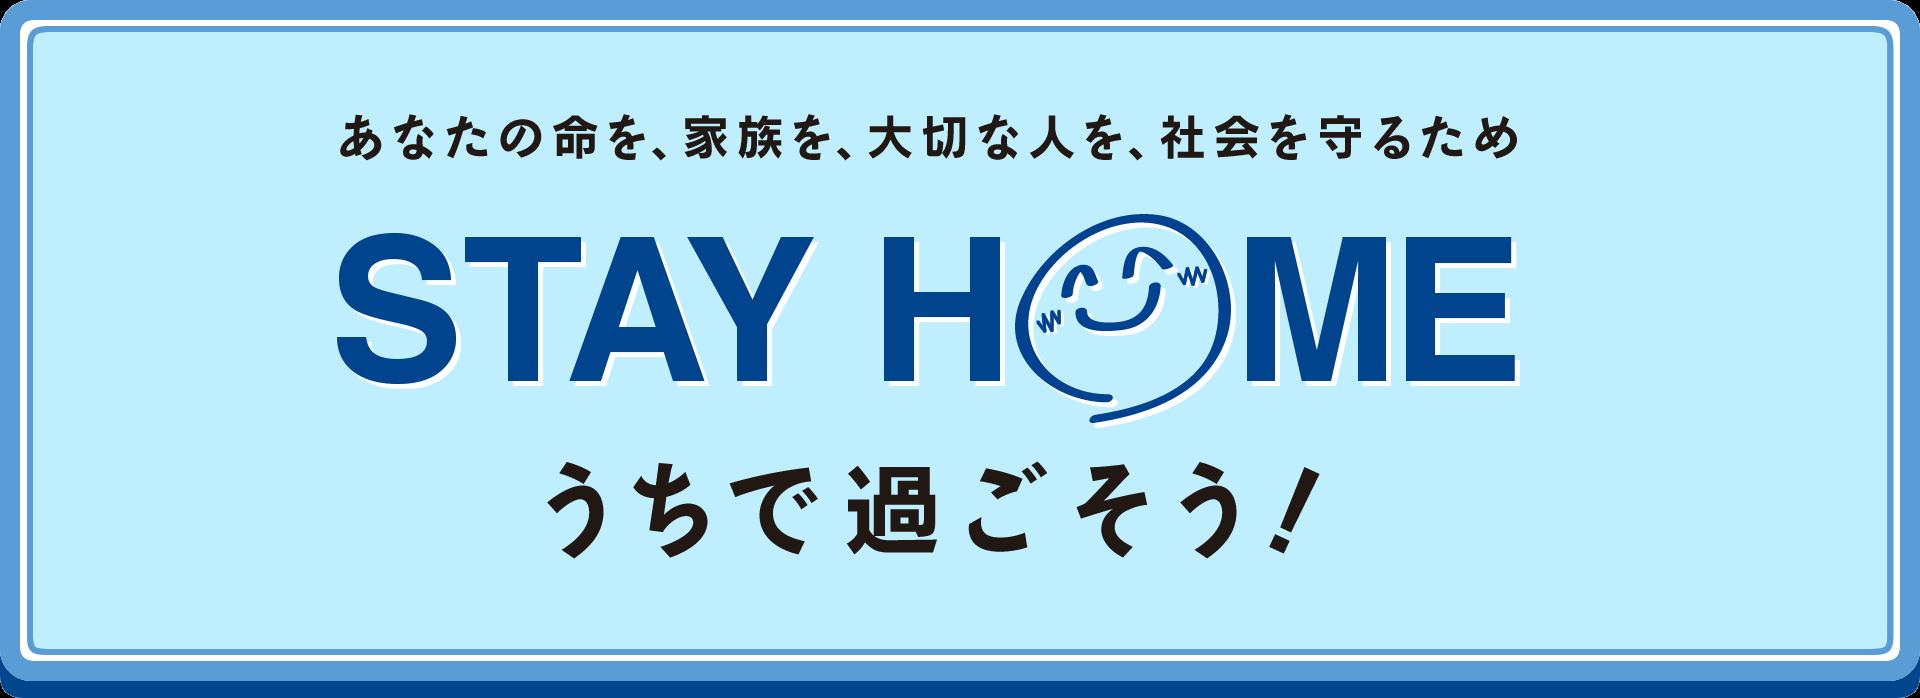 家ですごそう「STAY HOME」